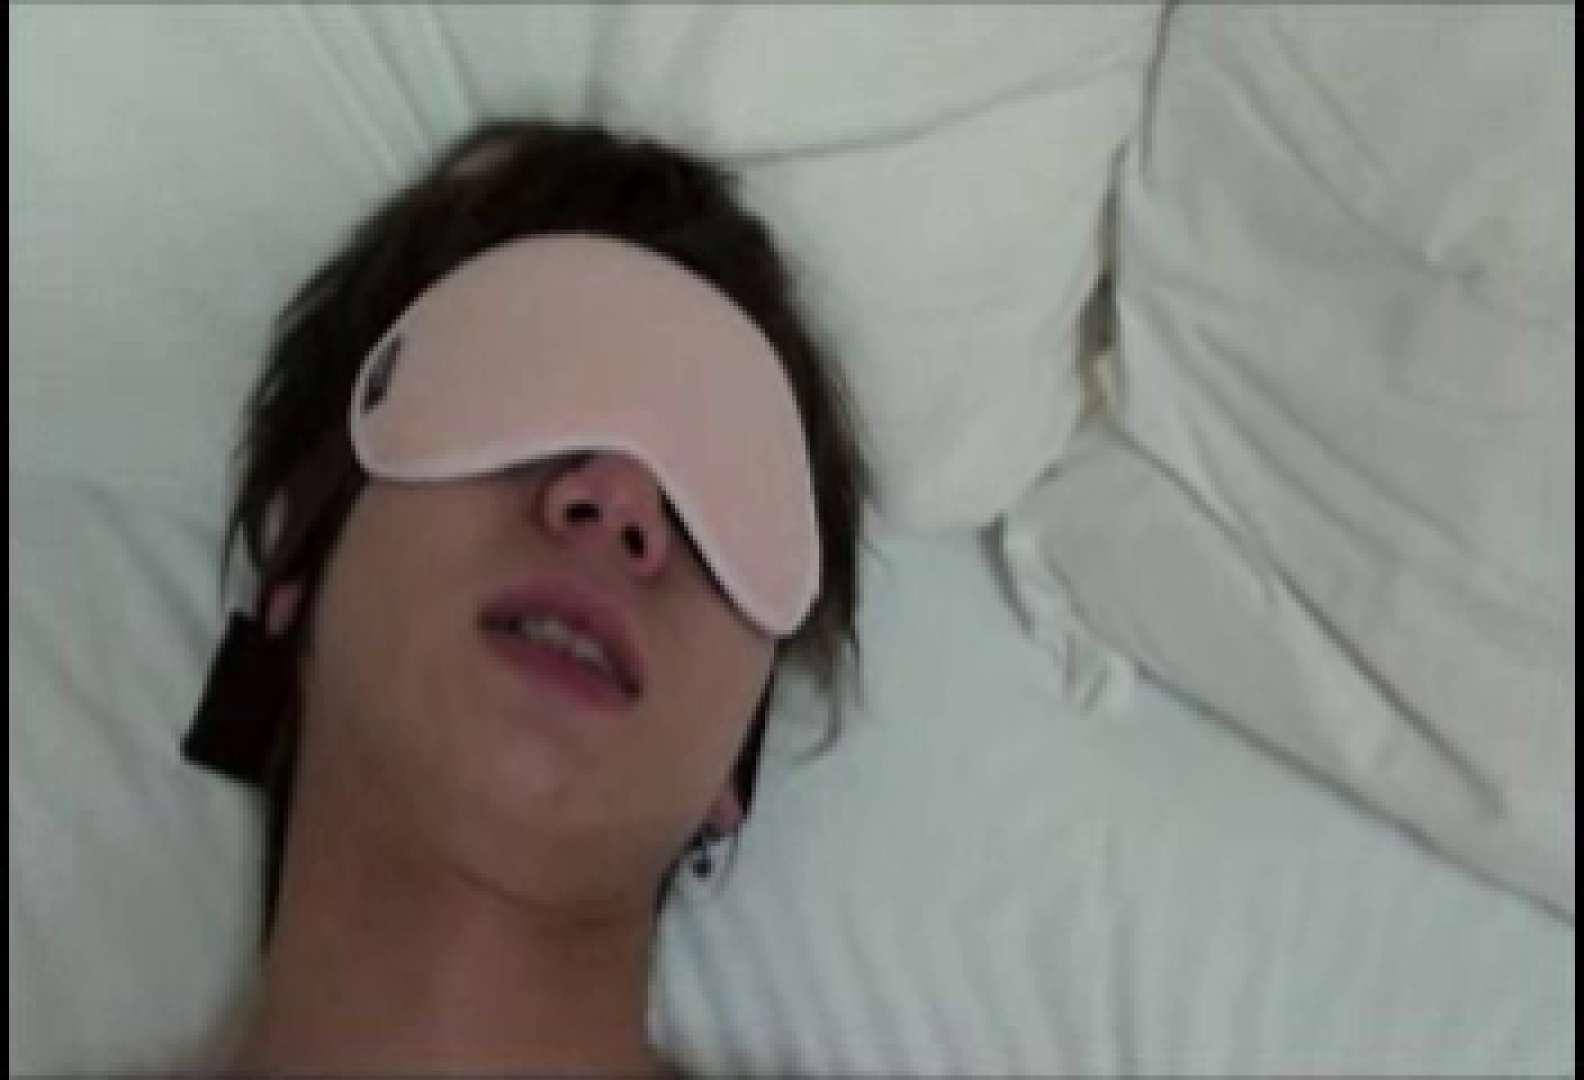 アイマスクでおもいっきり性感帯!!vol.05 ハメ撮り特集 ゲイエロビデオ画像 85枚 55